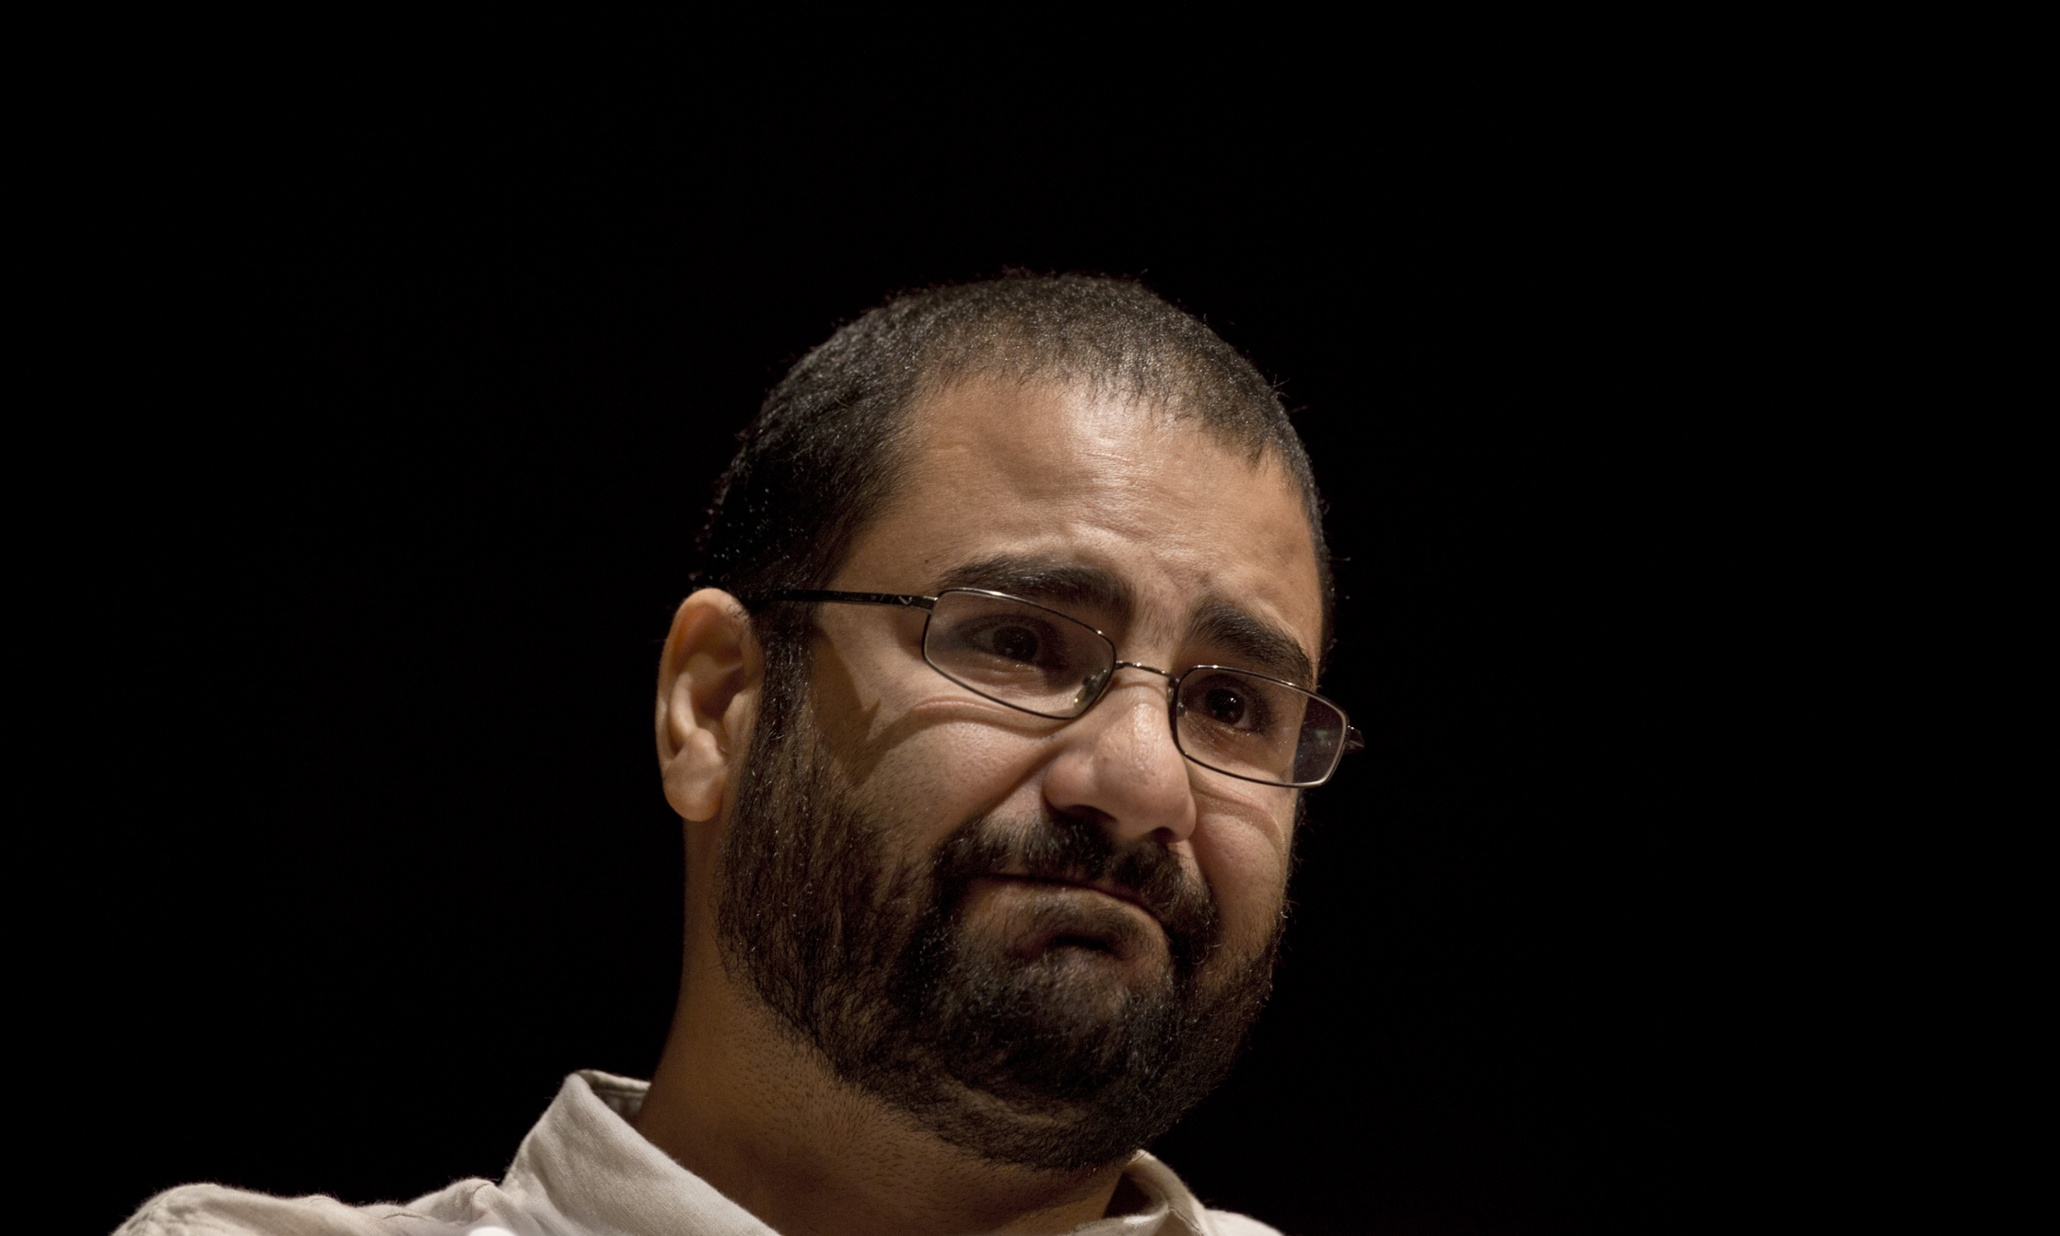 Egitto: Alaâ Abdel Fattah, figura chiave della destituzione di Morsi, condannato a 5 anni di detenzione